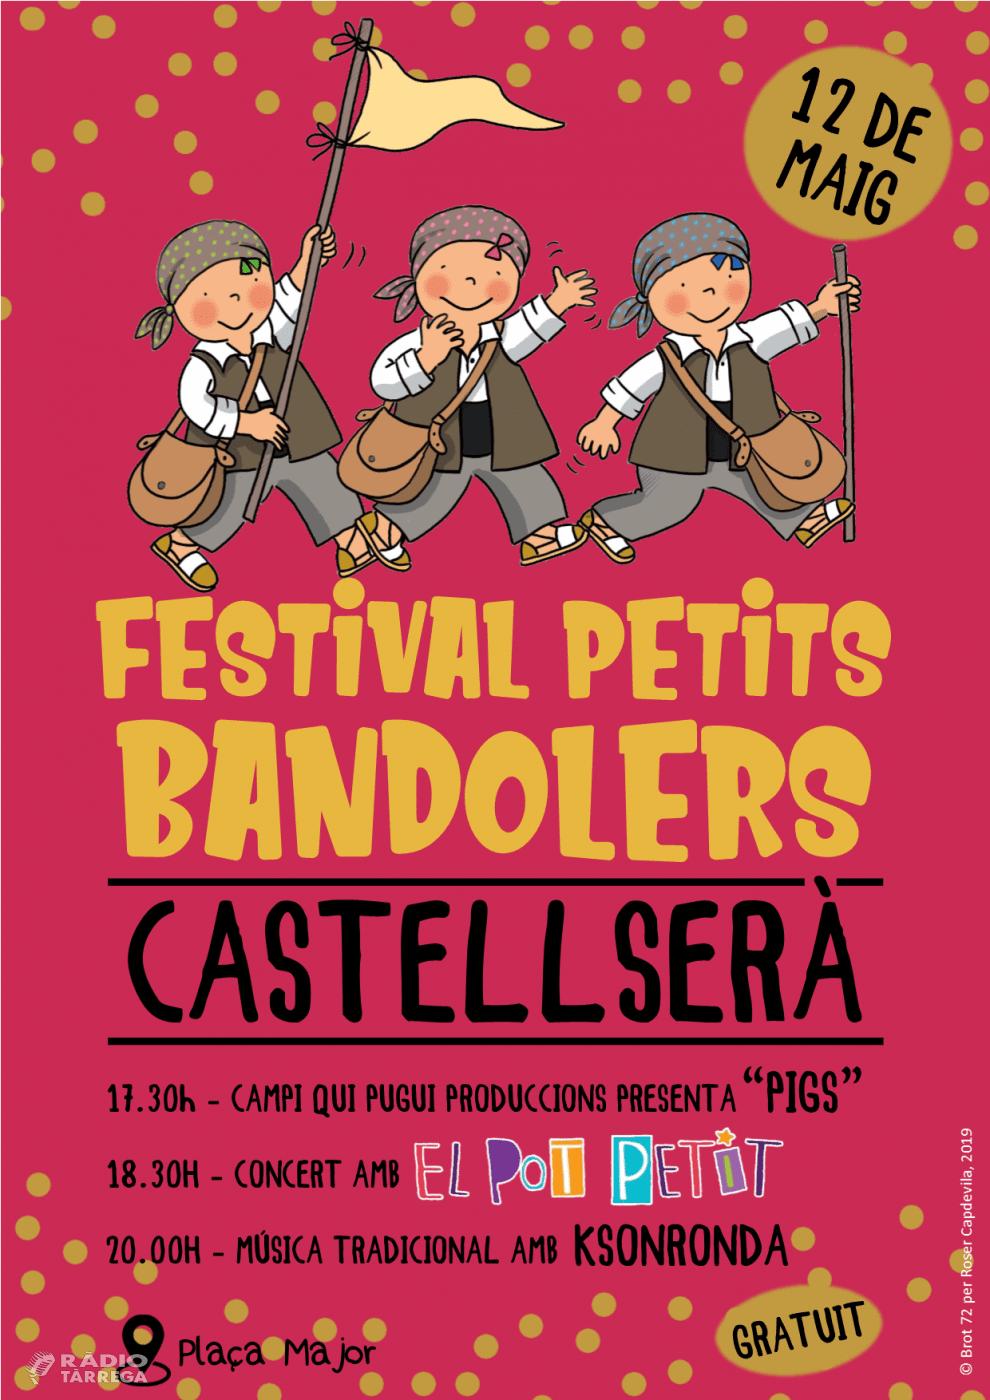 La Festa del Bandoler de Castellserà premia aquest any amb el pedrenyal d'honor a la il·lustradora Roser Capdevila i estrena el festival Petits Bandolers